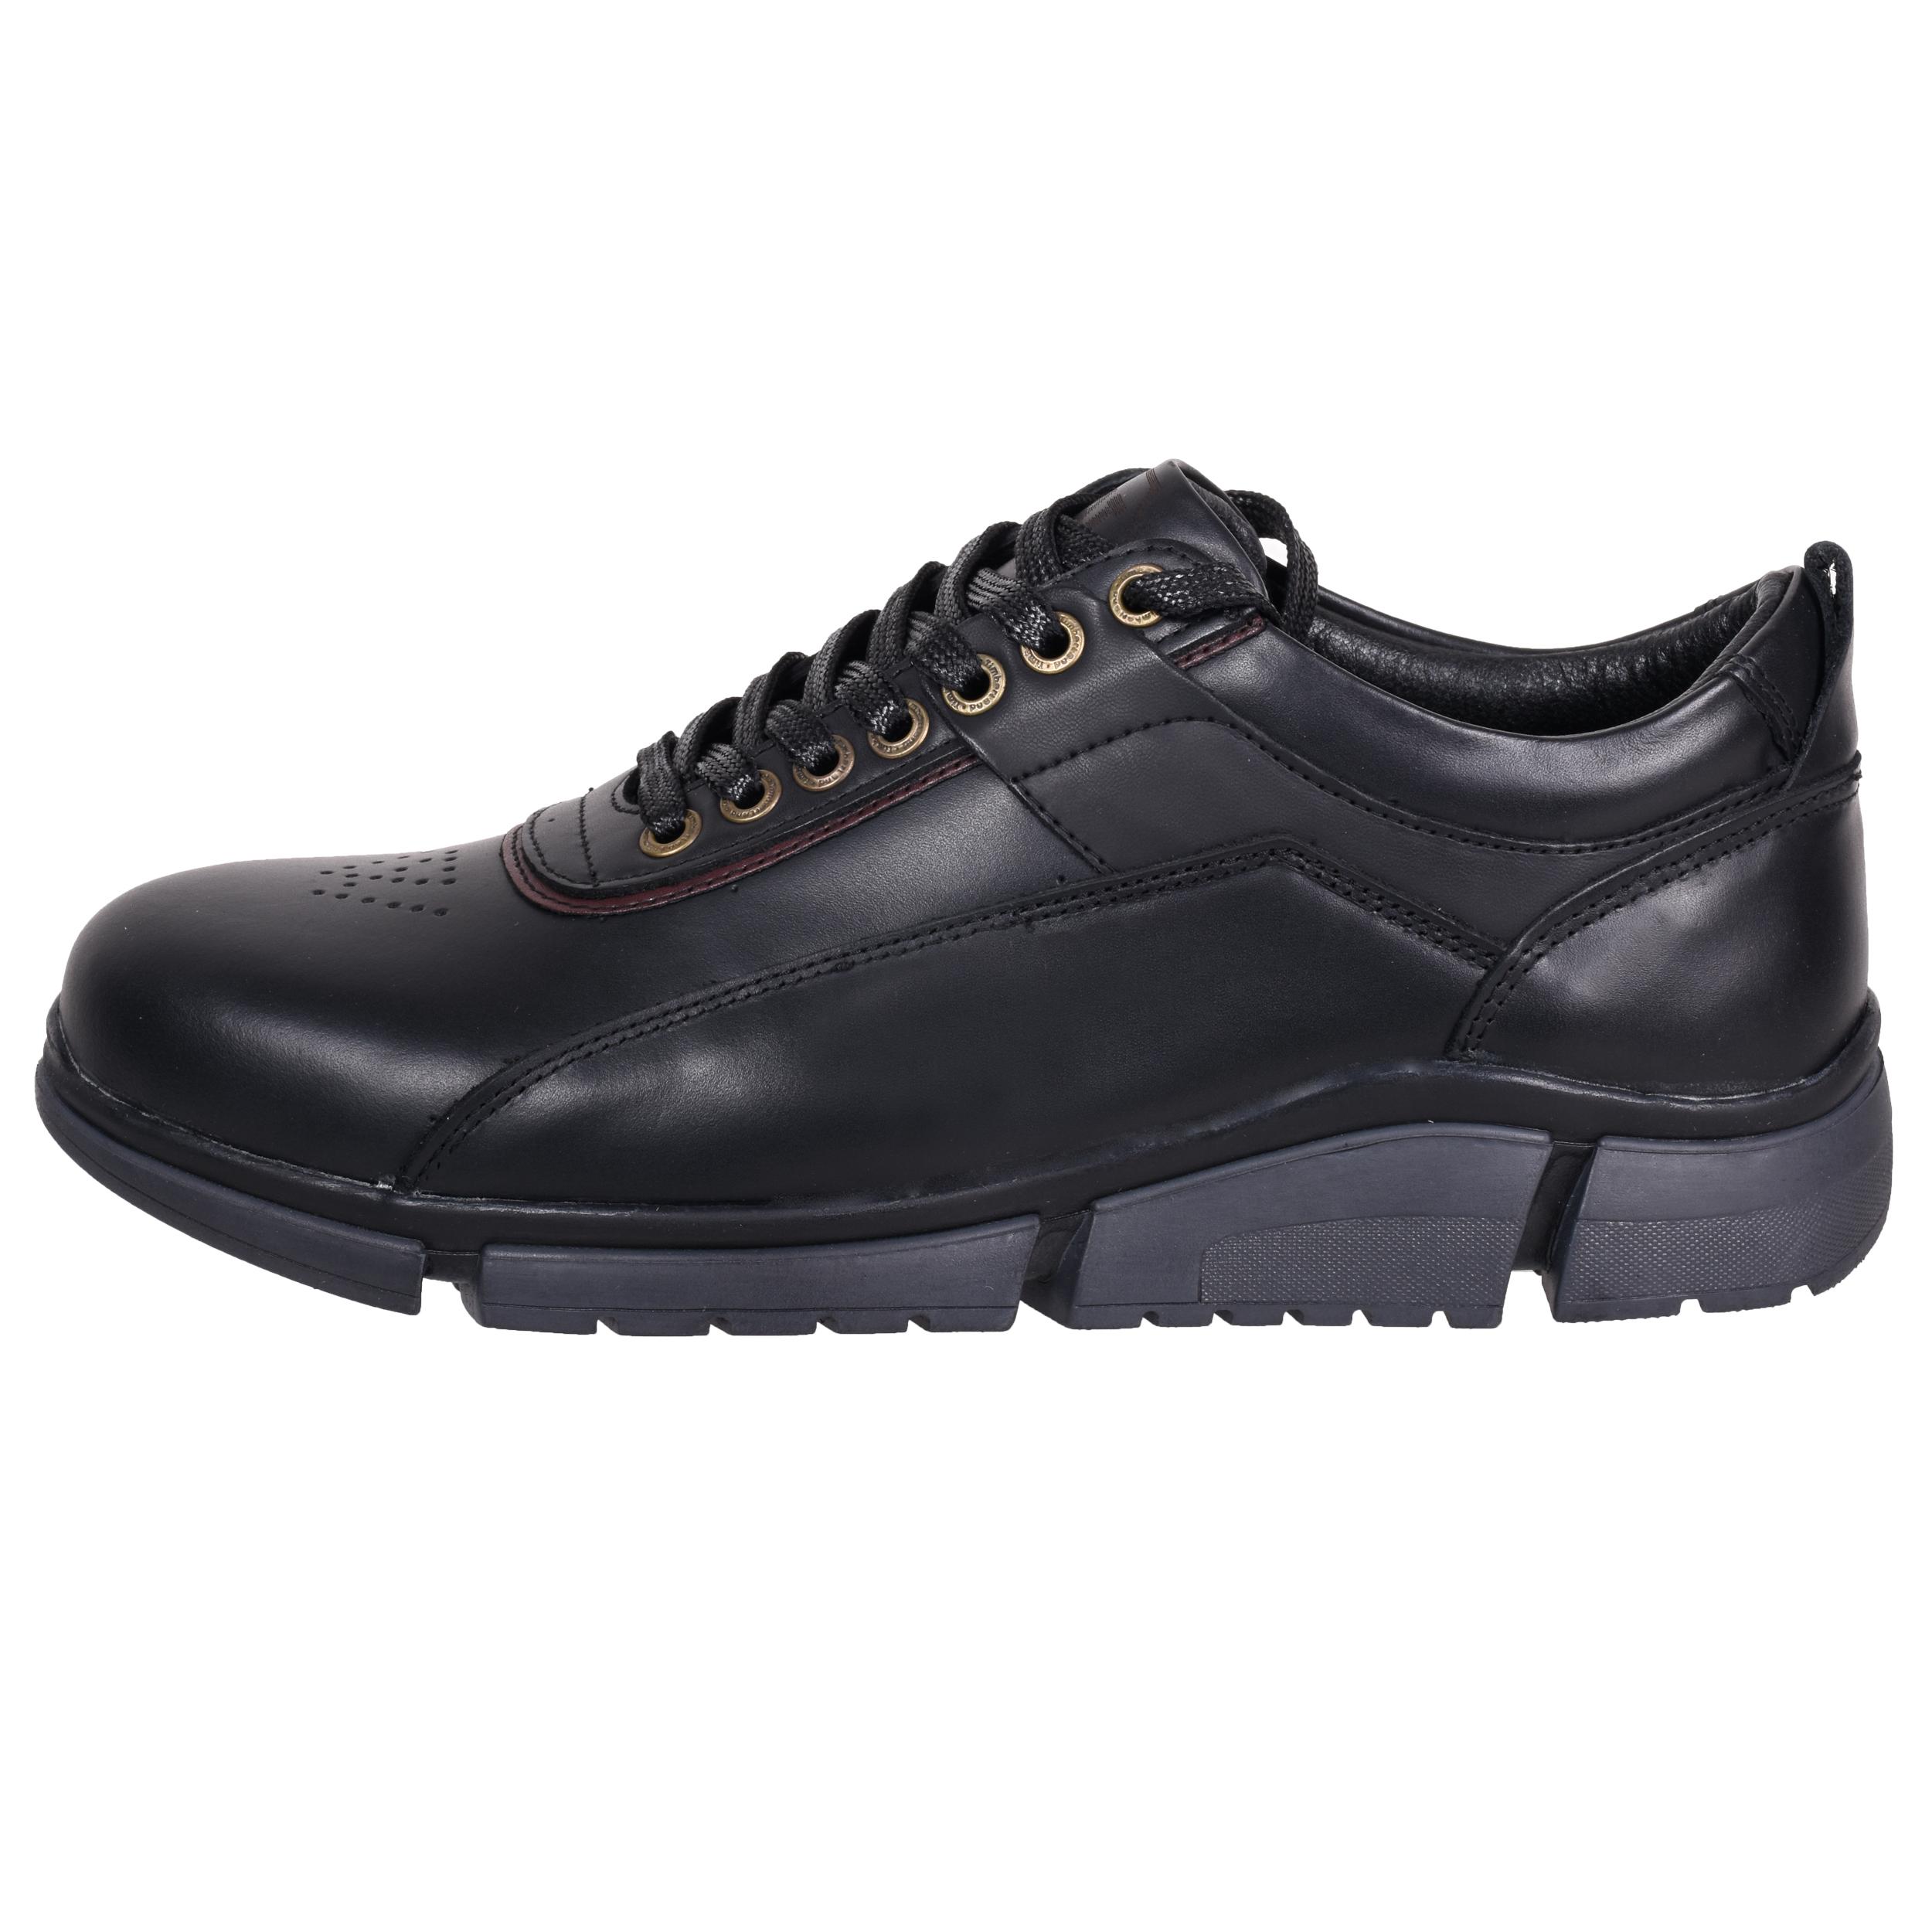 قیمت کفش راحتی مردانه کد 1-2396240